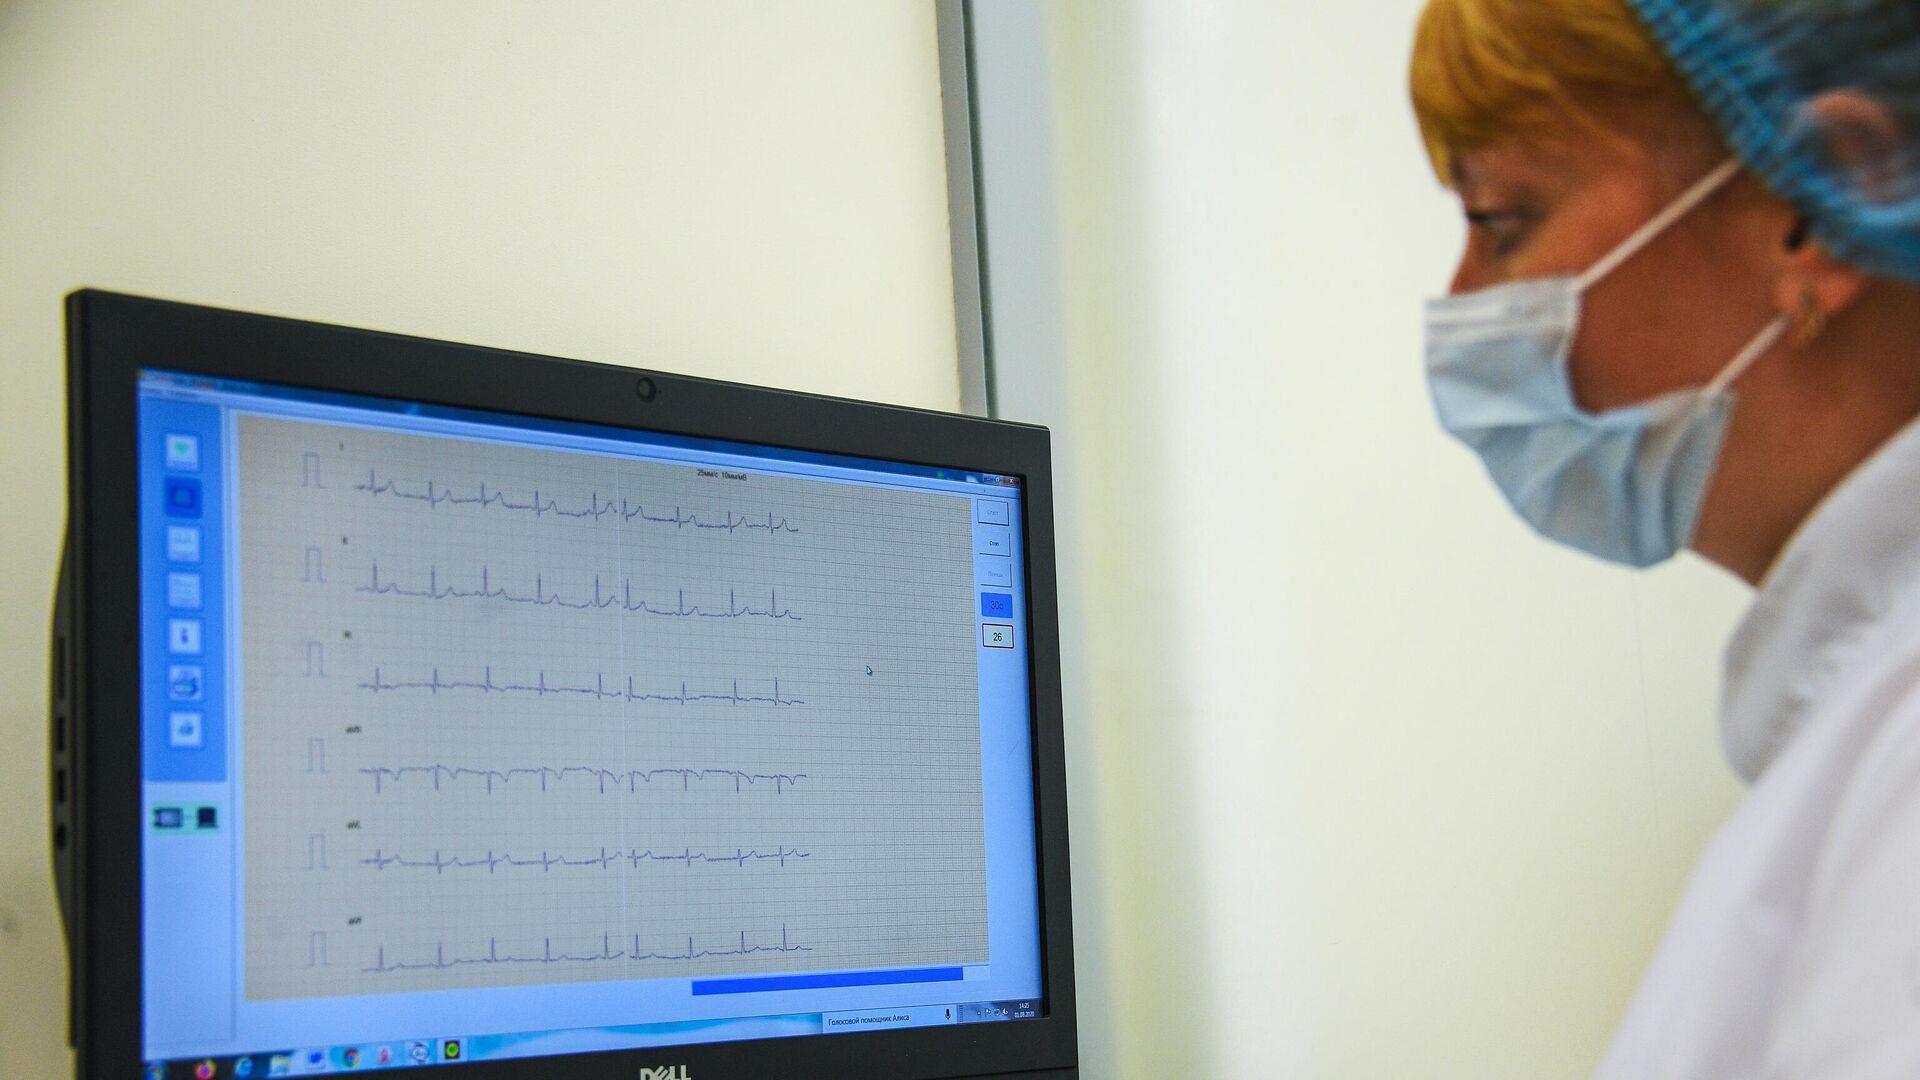 Врач смотрит на электрокардиографию пациента в кабинете Мое здоровье  - РИА Новости, 1920, 23.07.2021